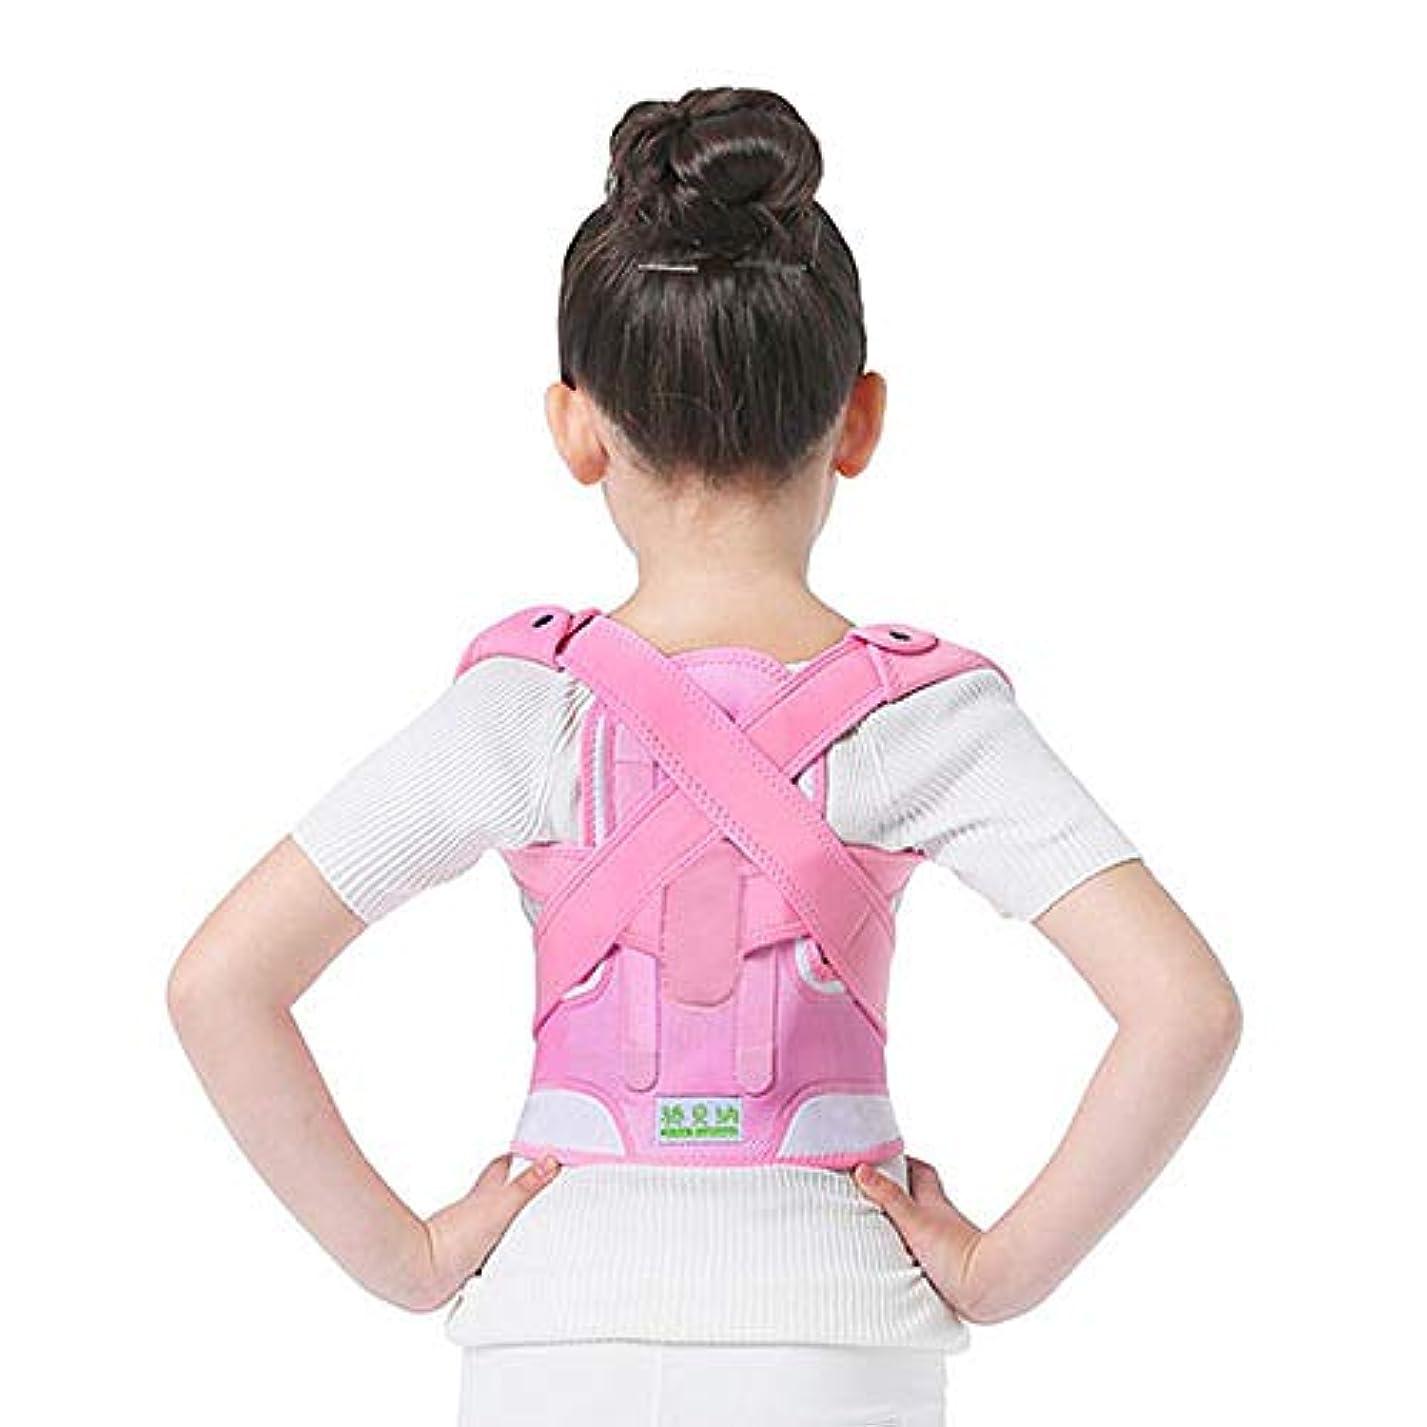 キャメル炎上著名なLINGYAO 背部矯正器の皮の快適な通気性の環境の訂正ベルトは圧力痛みの姿勢の訂正者を取り除きます